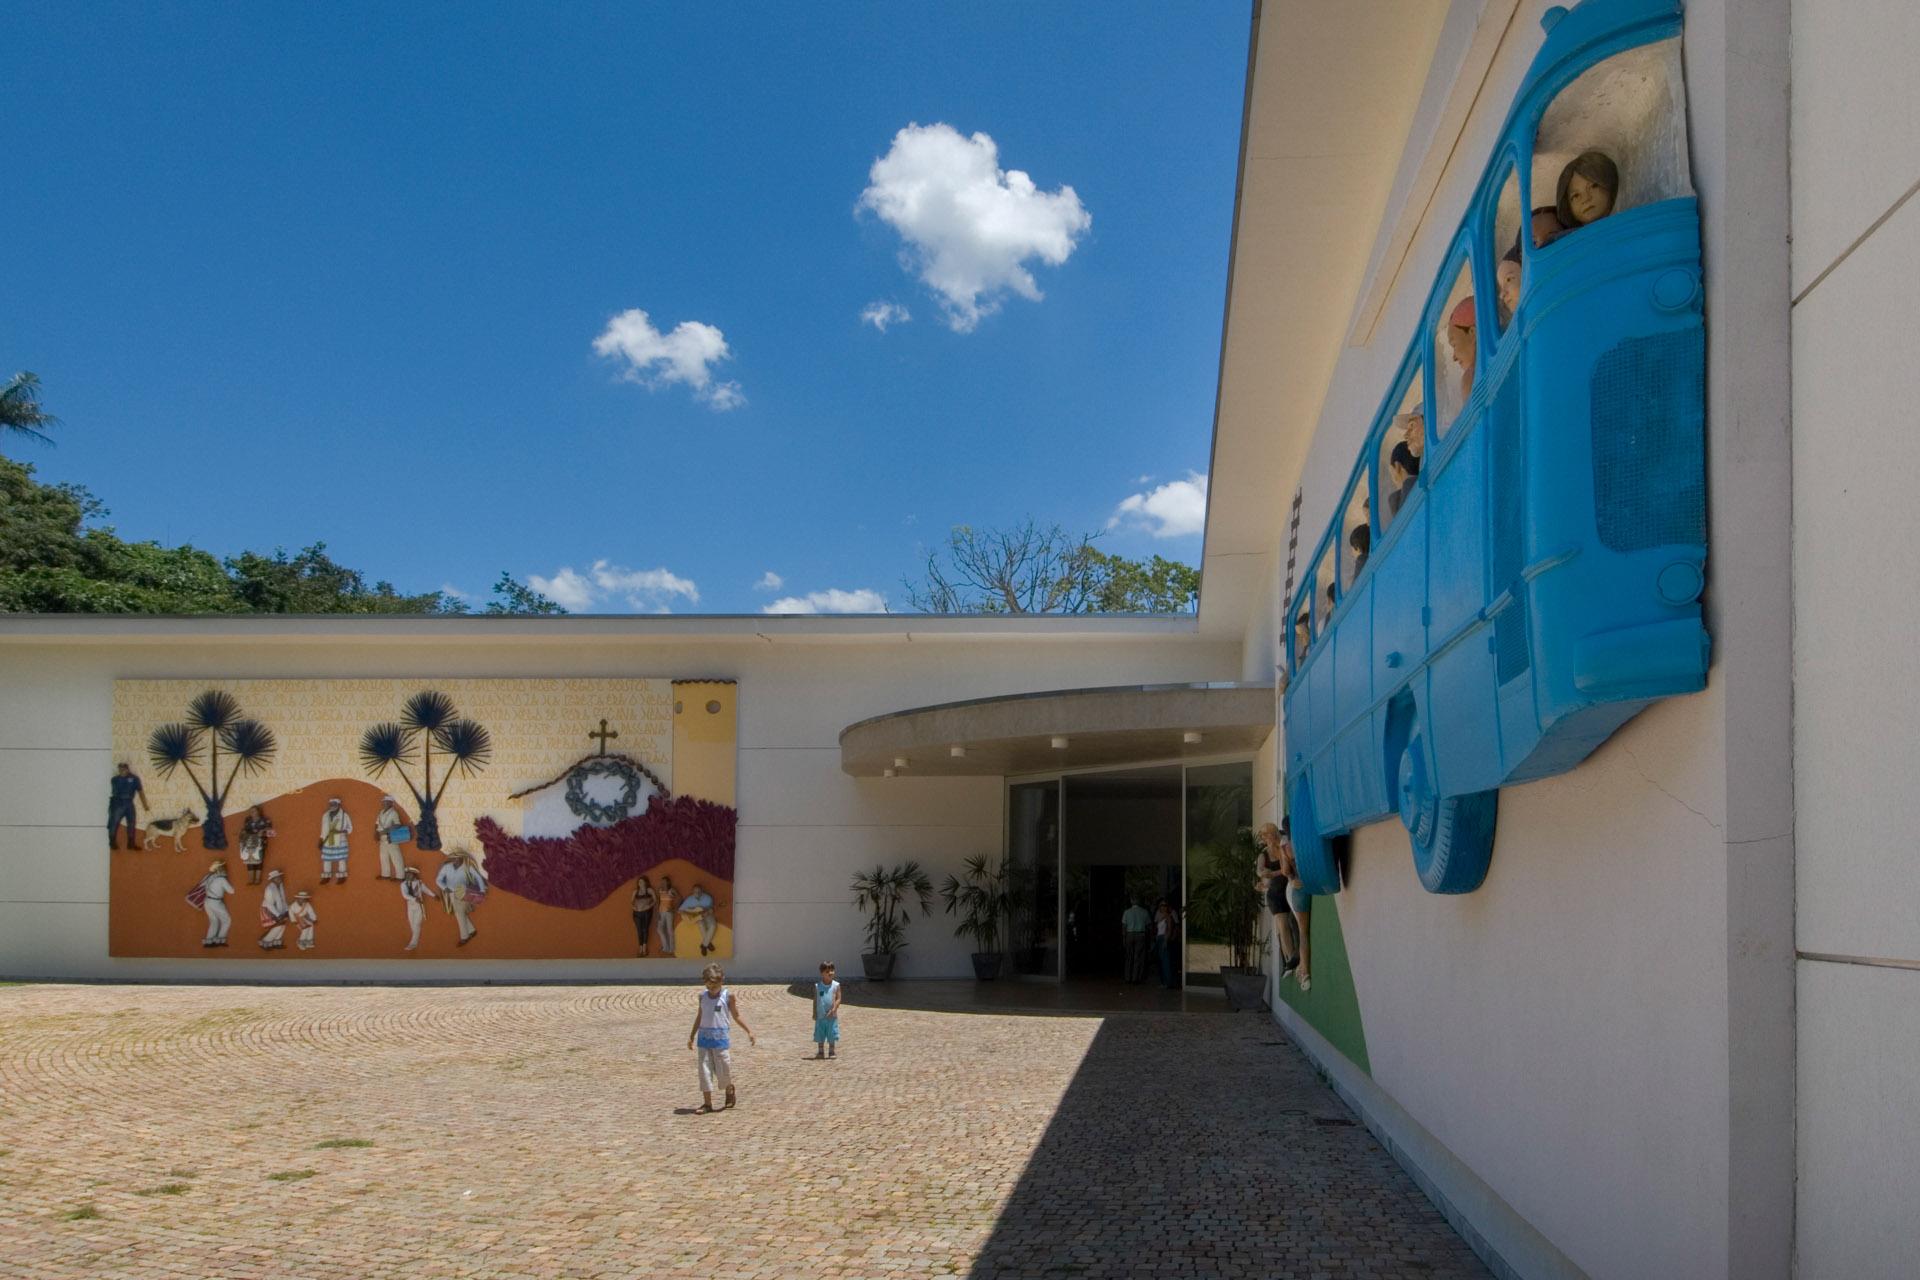 Obras Abre a porta, 2006; e Rodoviária de Brumadinho, 2005, de John Ahearn & Rigoberto Torres. Acervo de arte contemporânea Inhotim